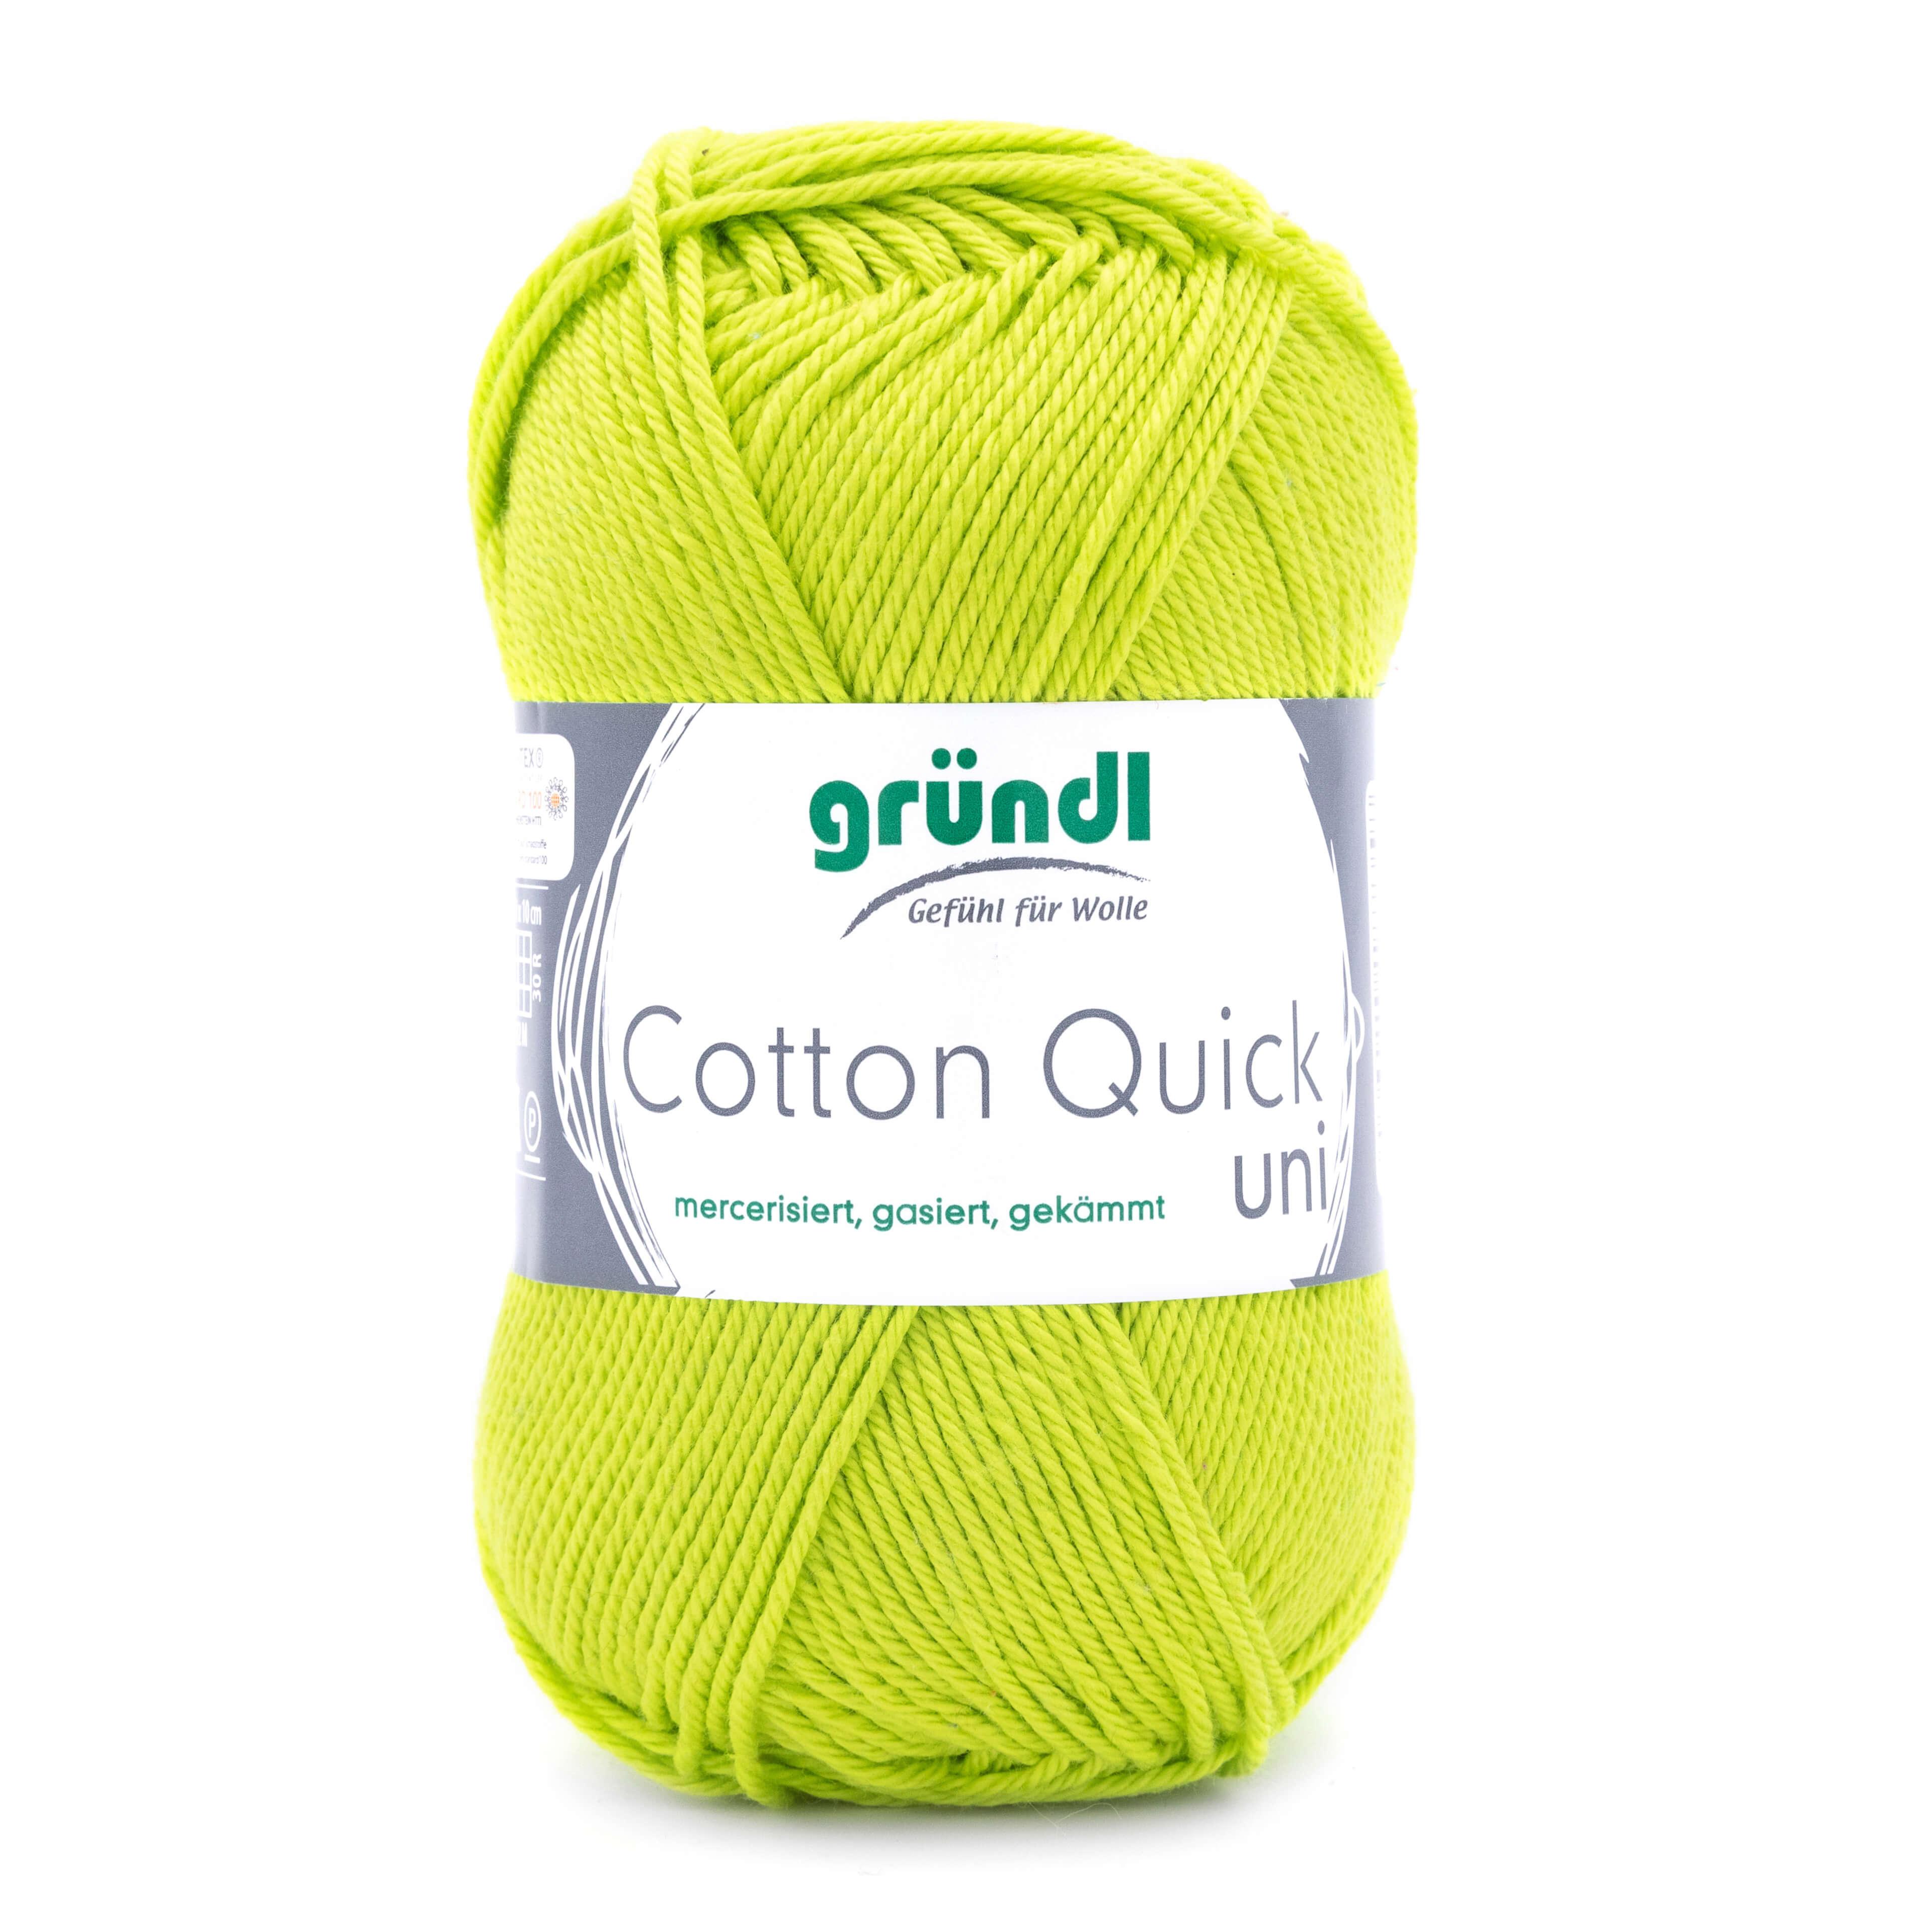 hellgrüne Wolle zum Häkeln und Stricken von Gründl Wolle